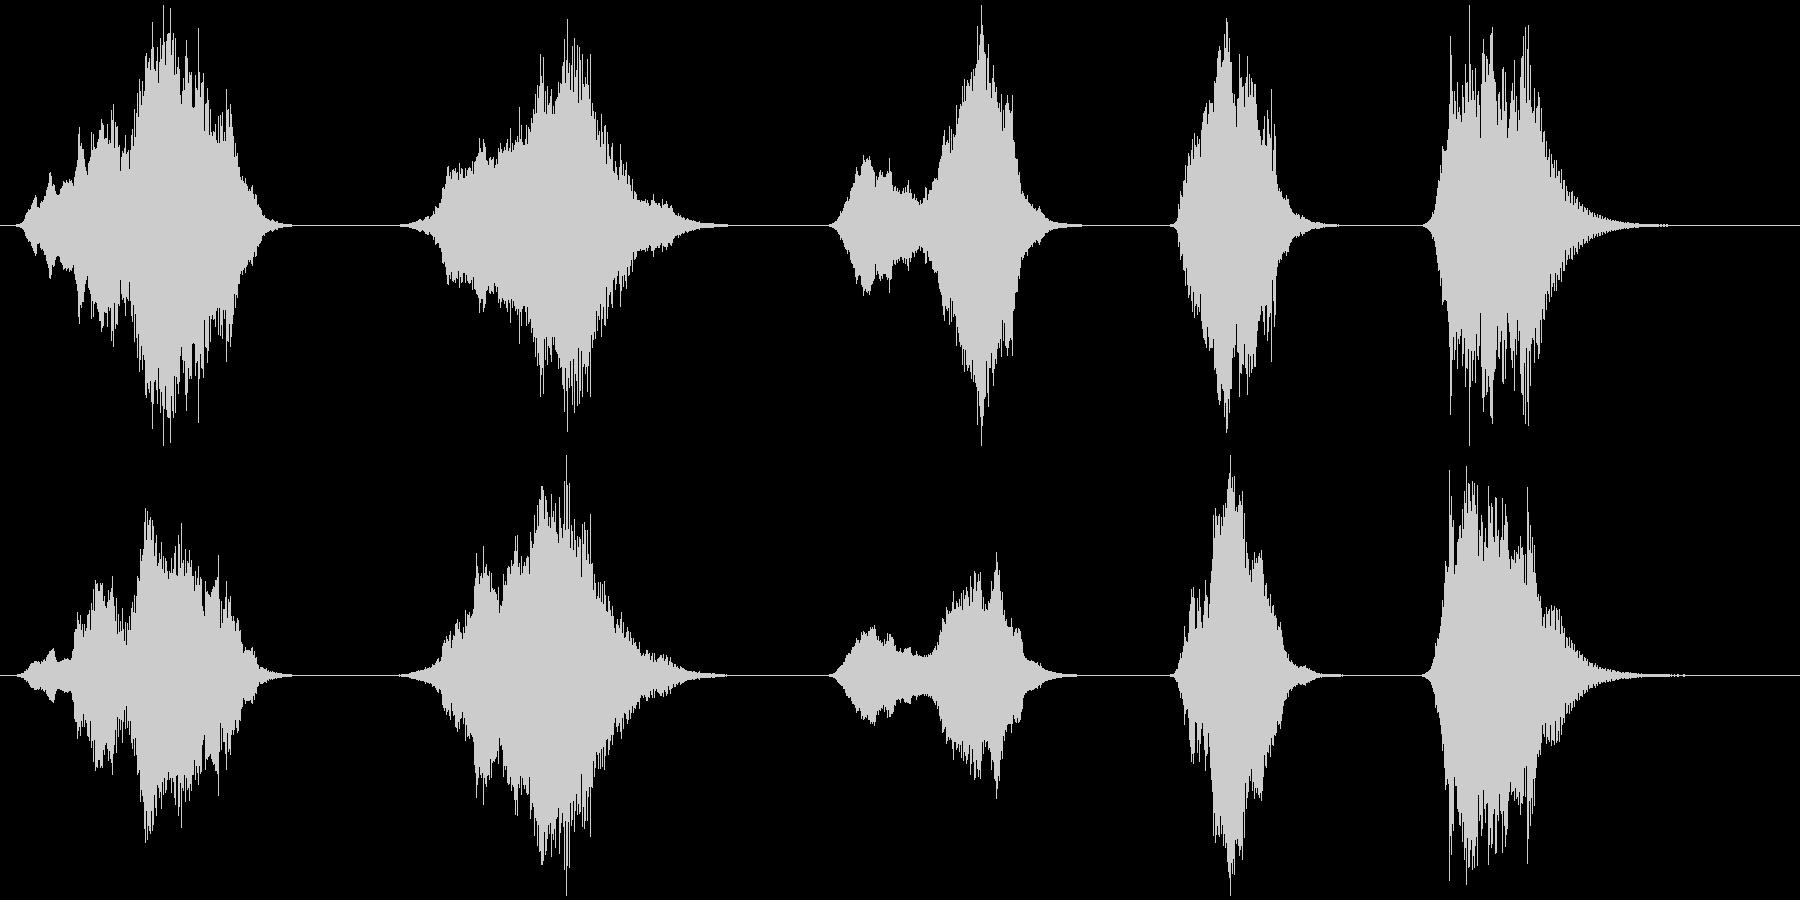 ドライアイス;不気味な金属のスクリ...の未再生の波形